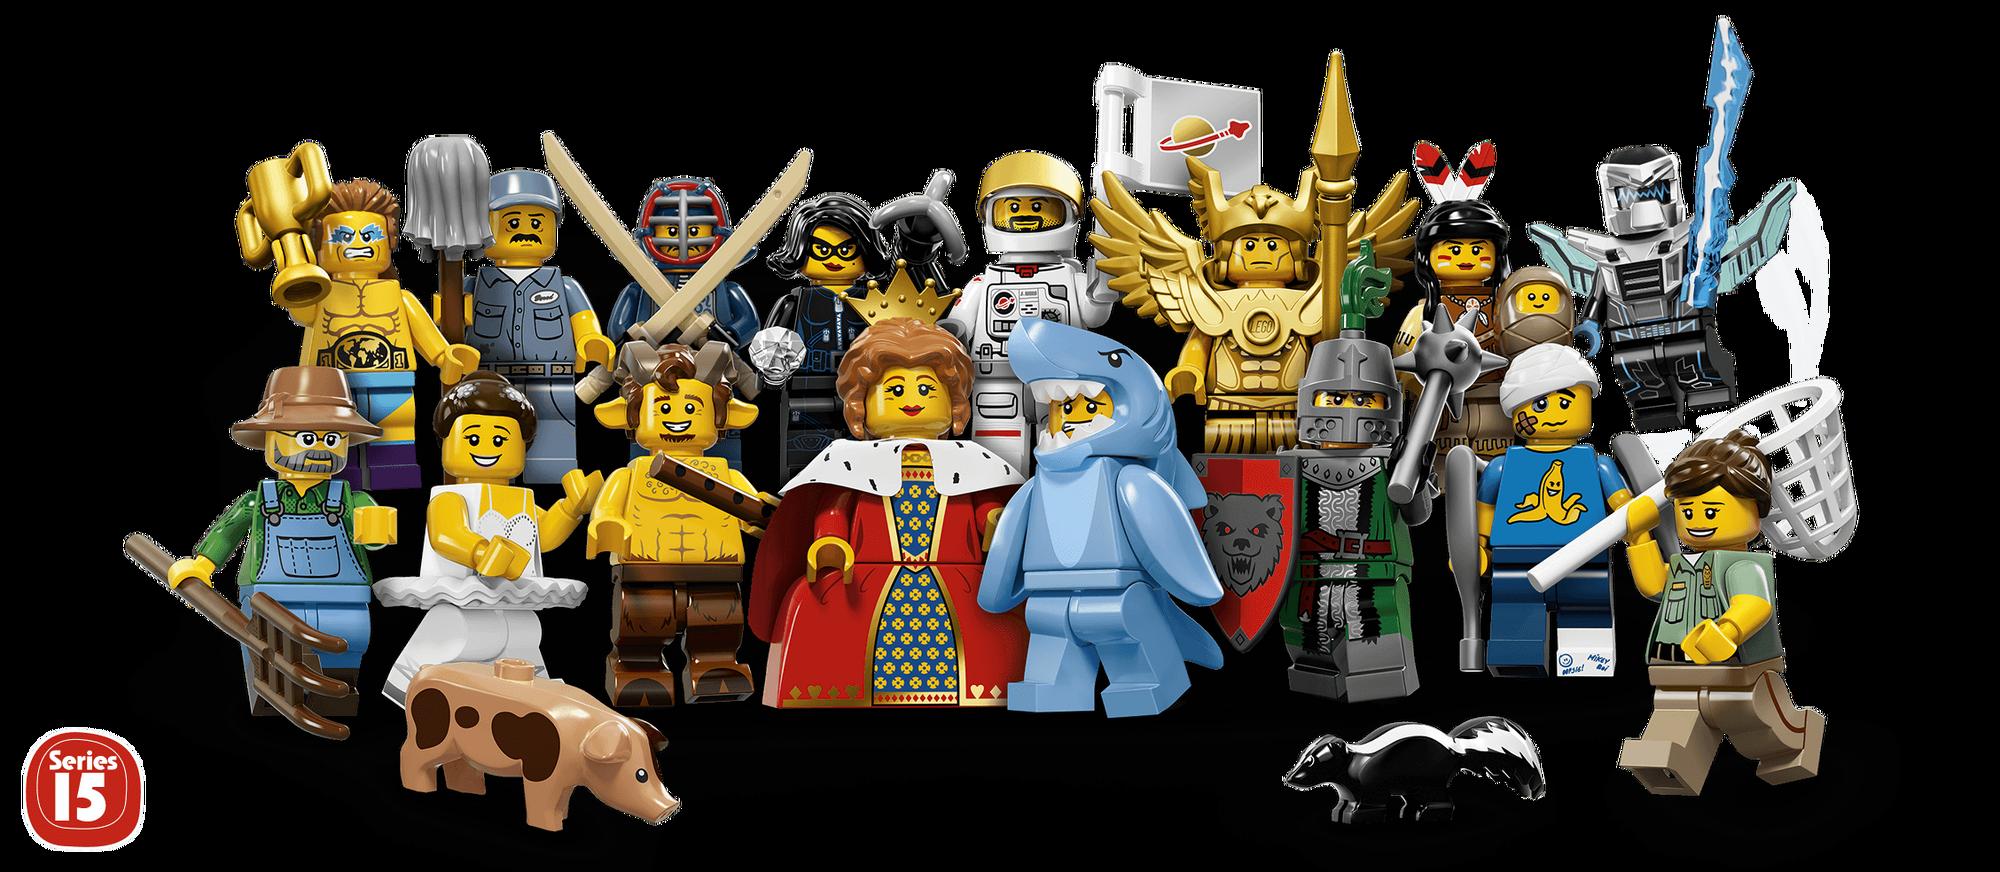 71011 Minifigures Series 15 | Brickipedia | Fandom powered ...